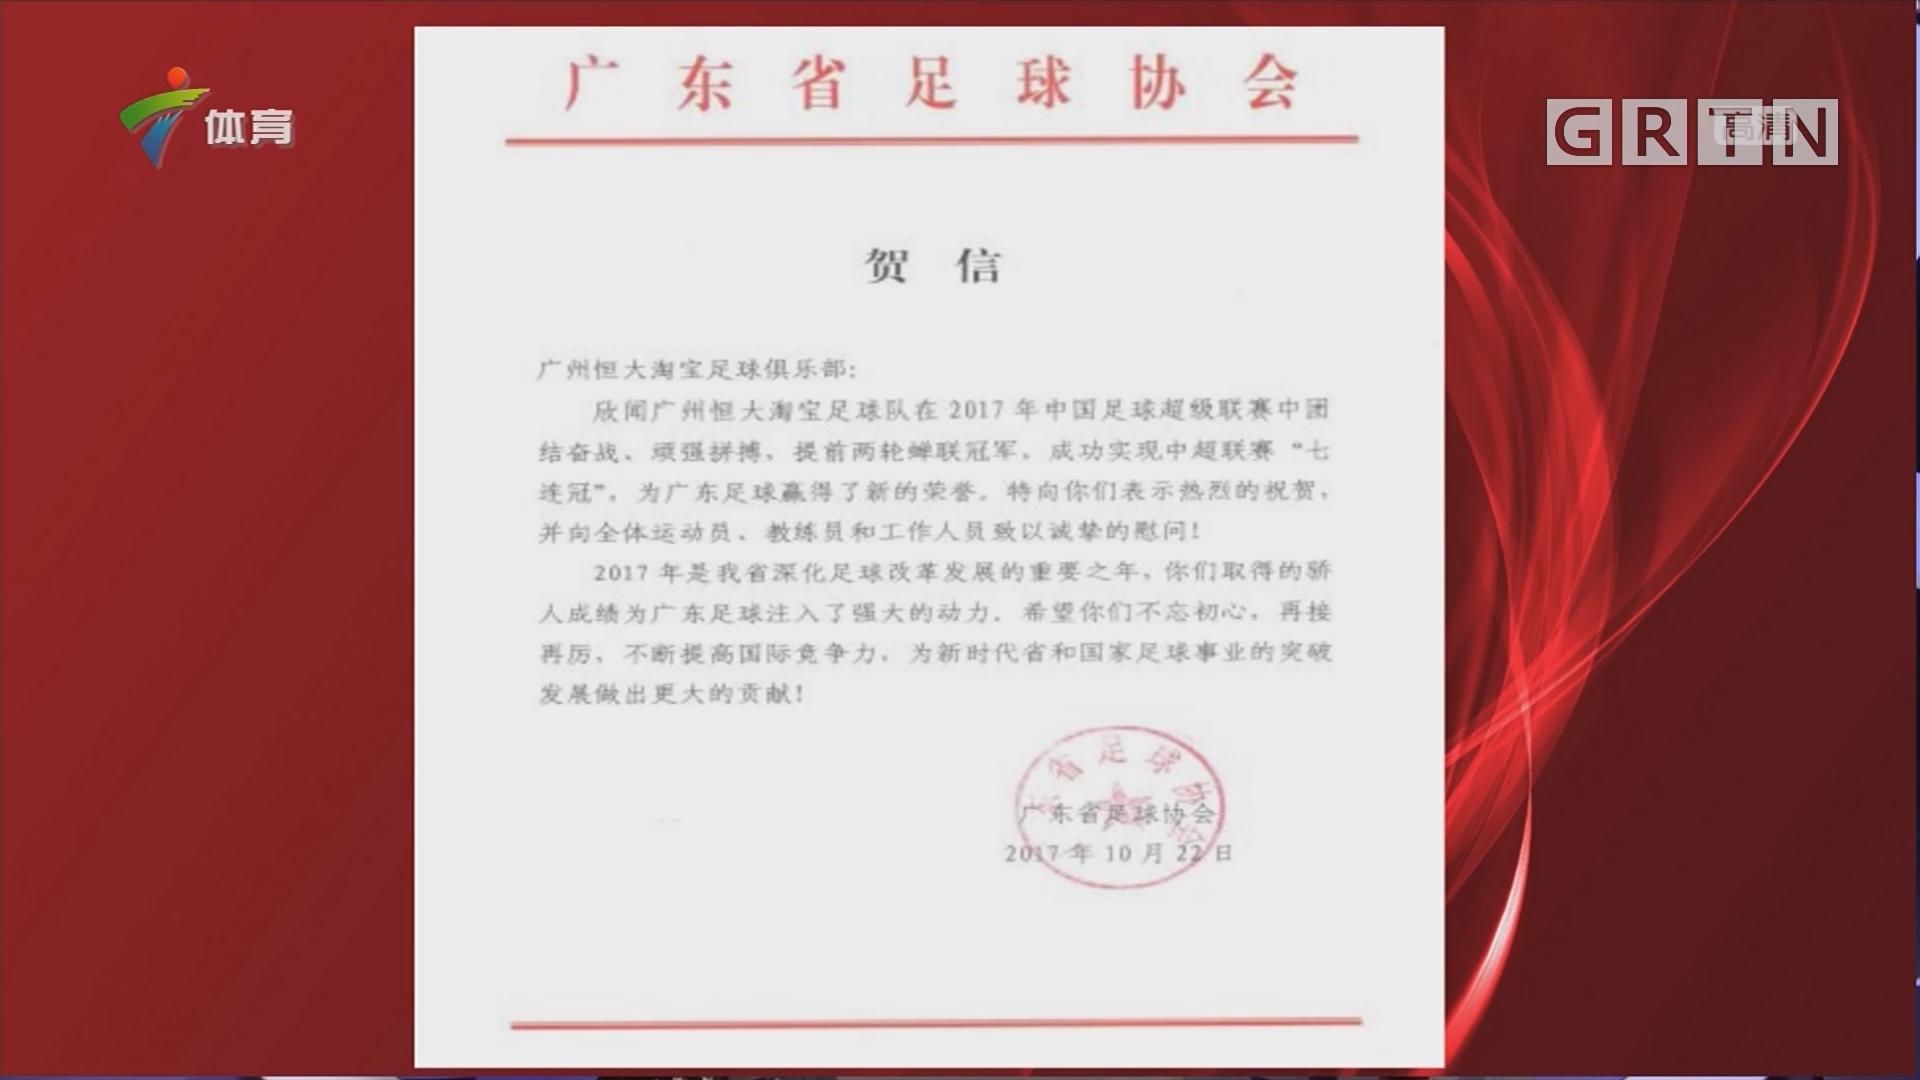 广州市足球协会广州市体育局贺信恒大取得七连胜